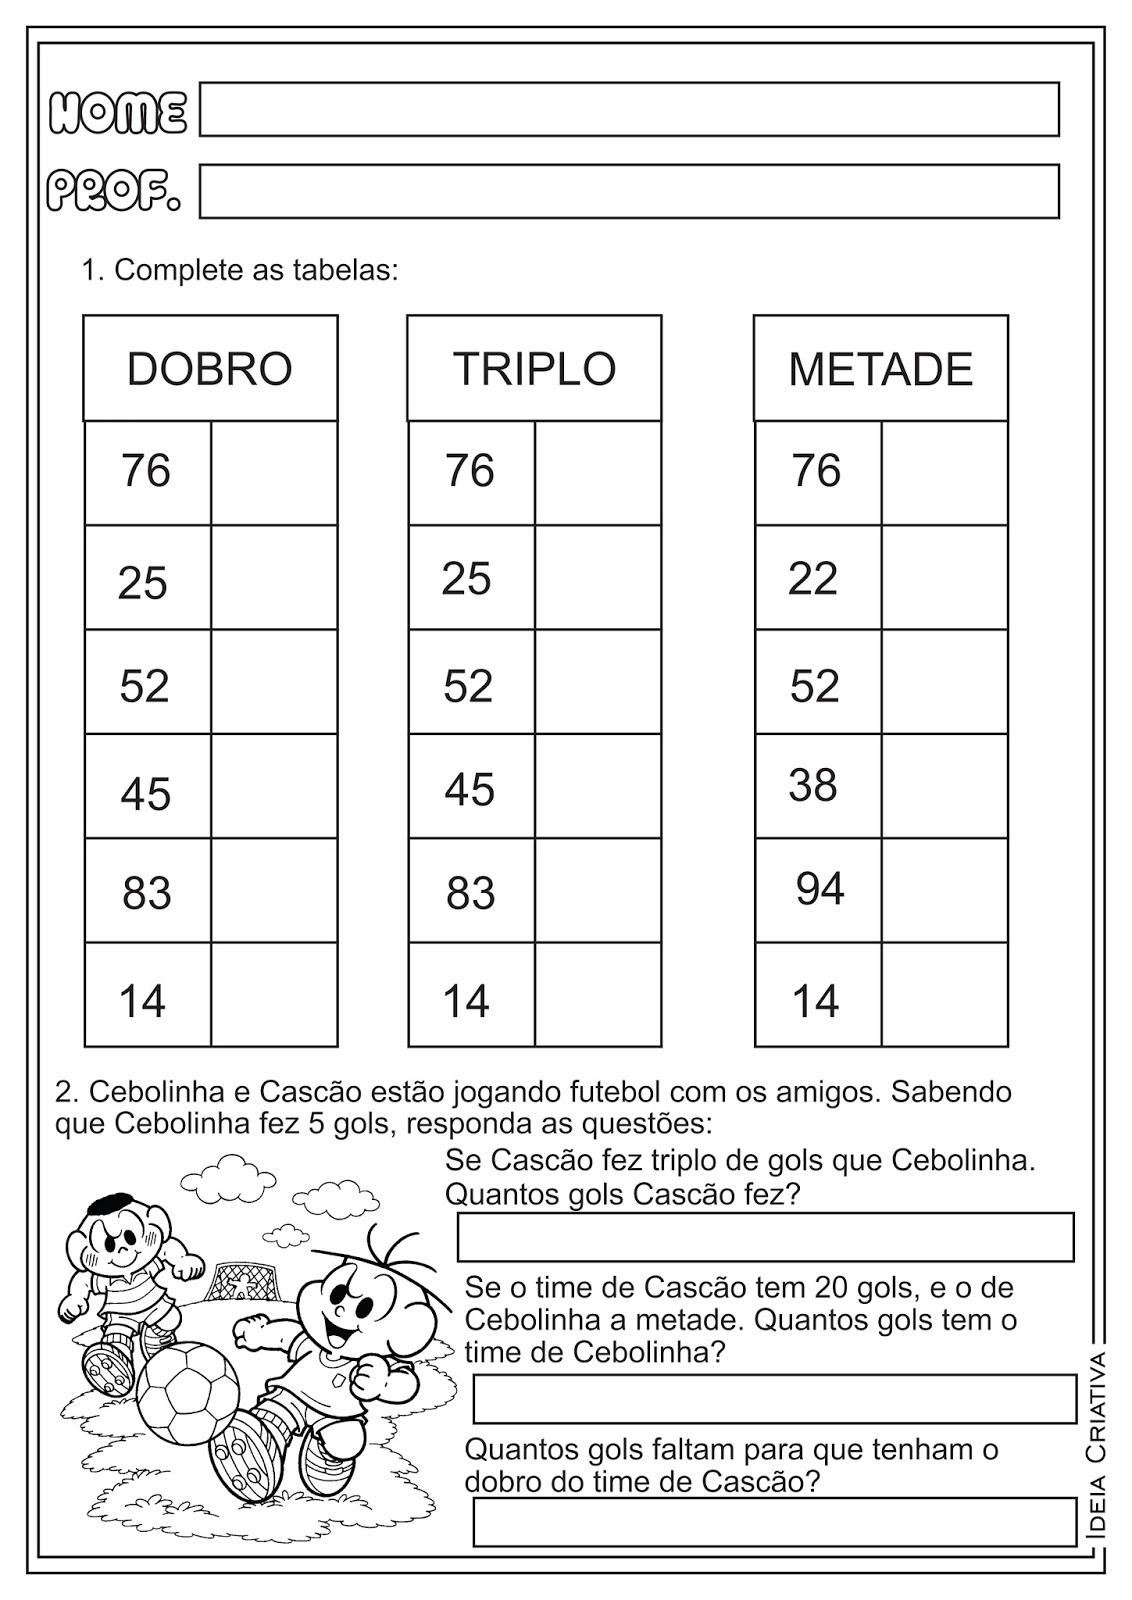 atividades-matematica-dobro-triplo-e-metade-contas-armadas-ideia-criativa-ensino-fundamental (2)